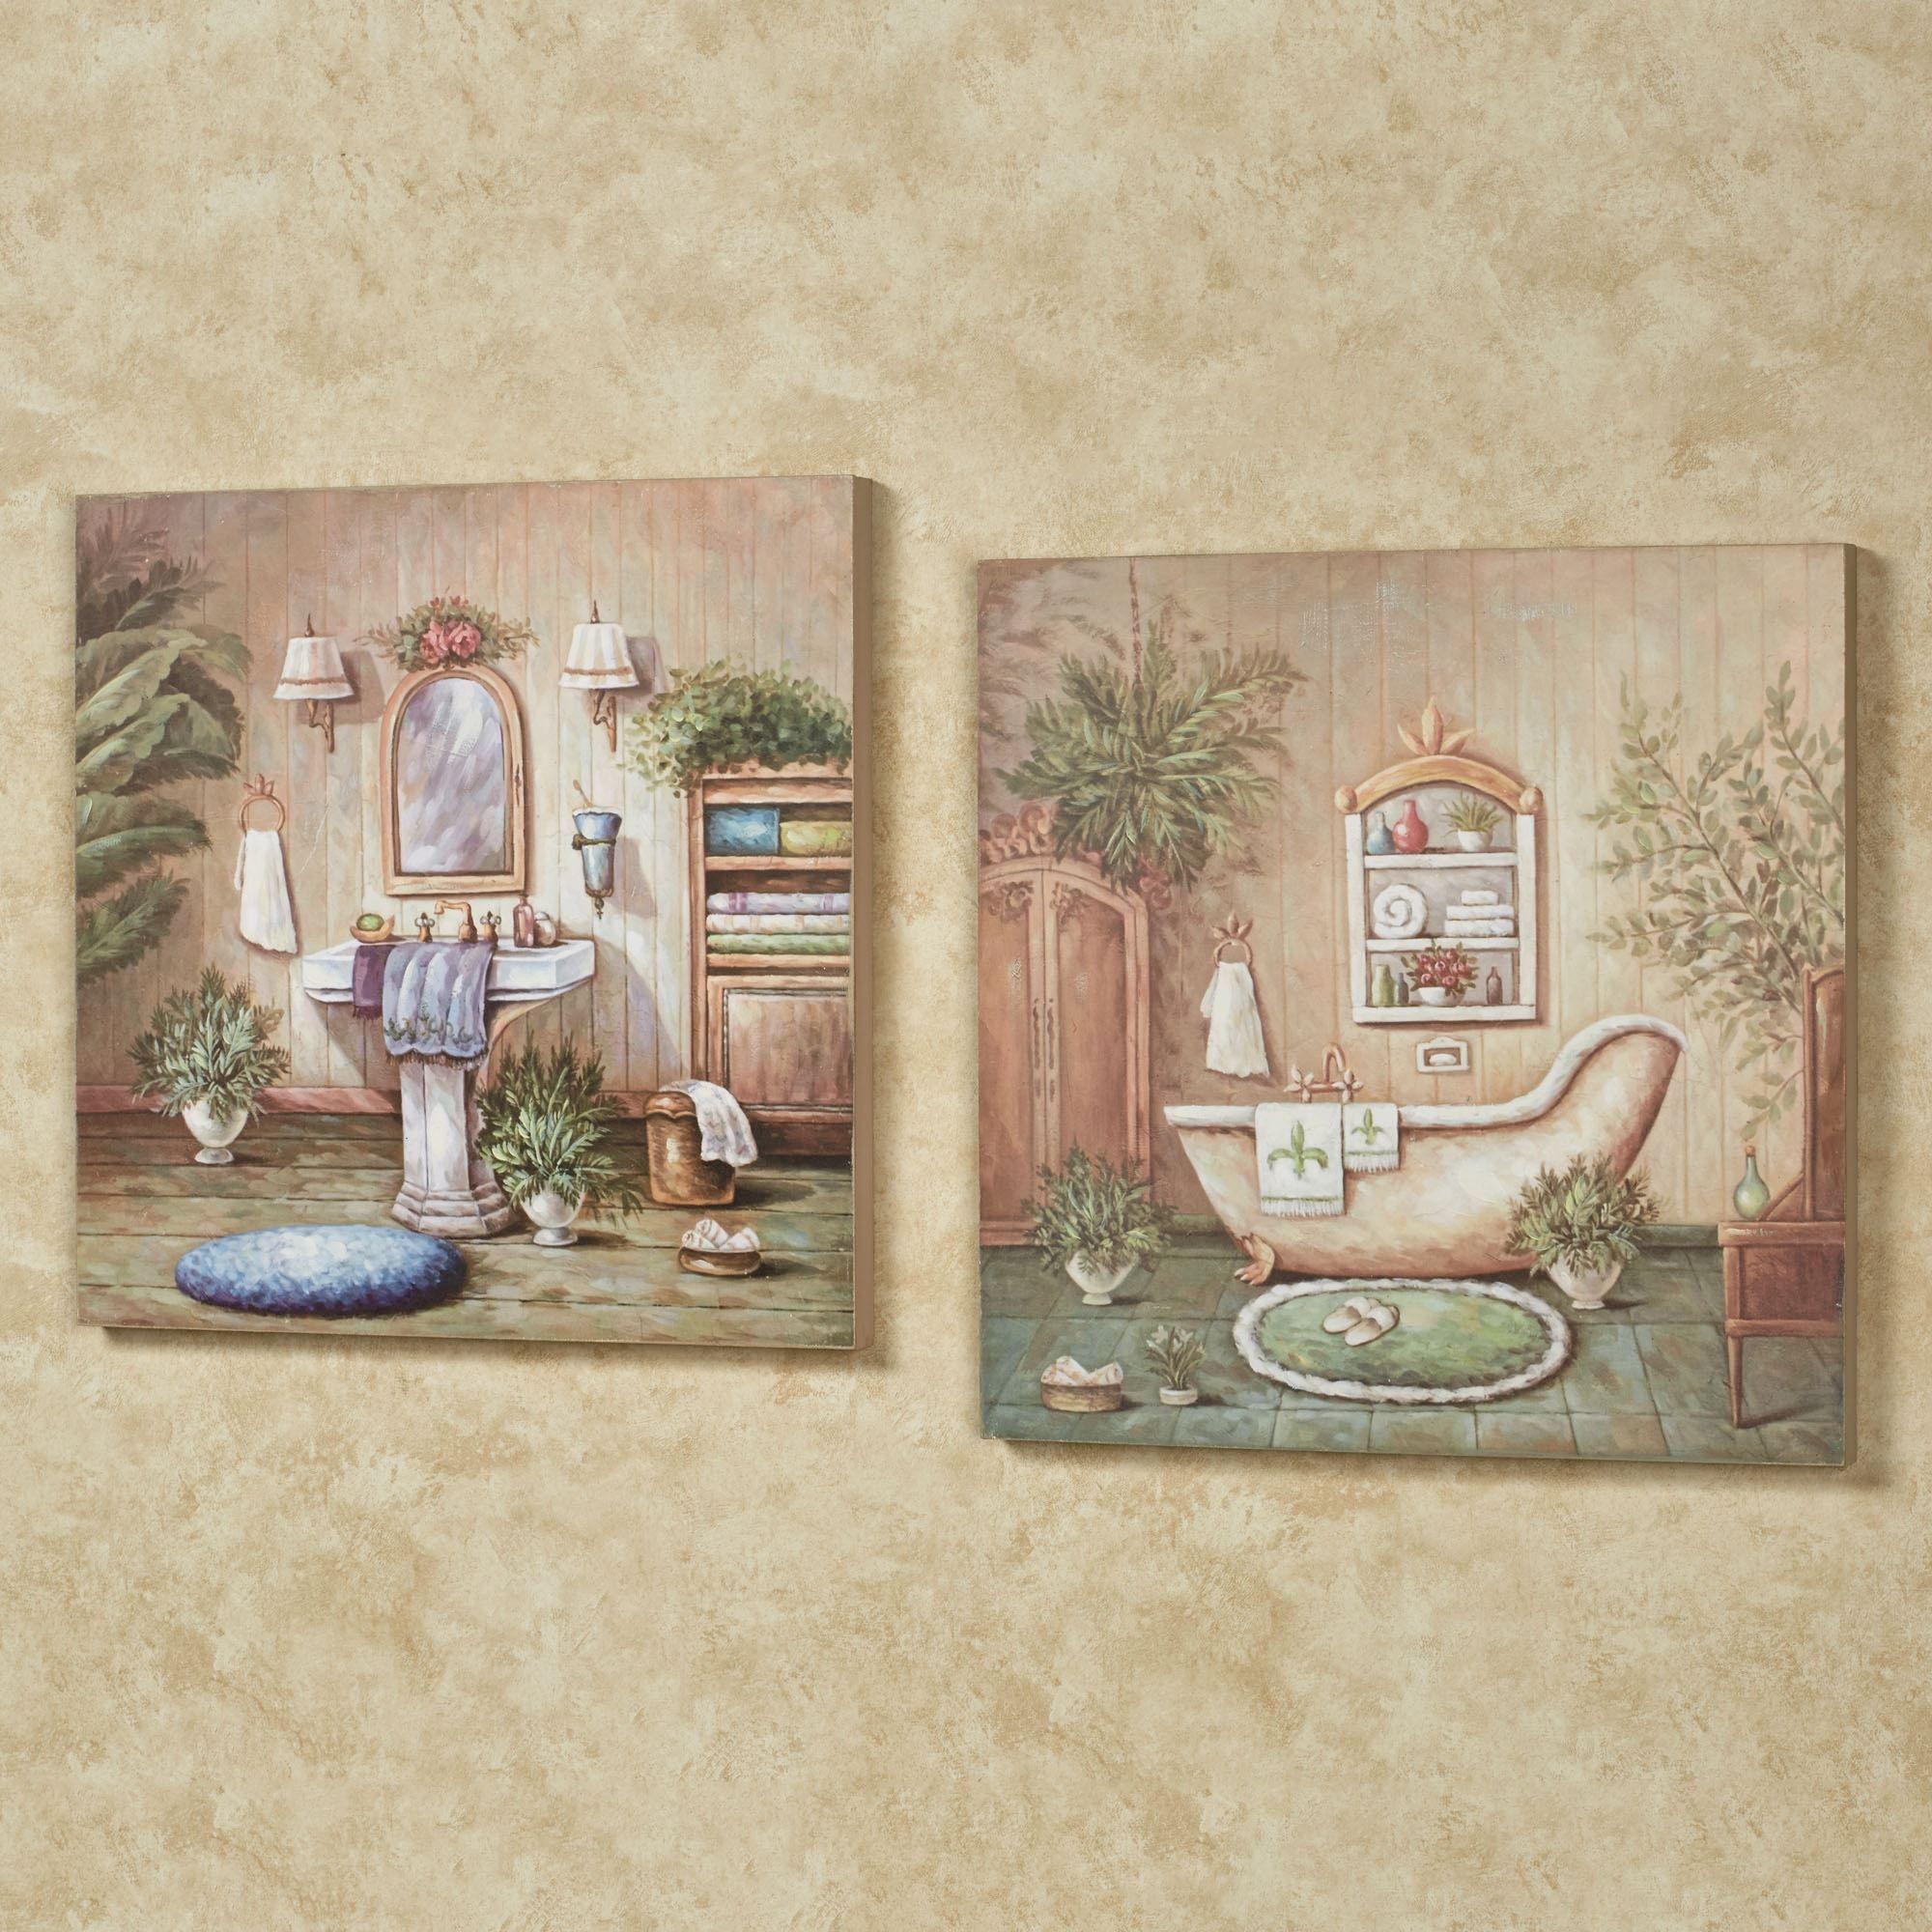 Blissful Bath Wooden Wall Art Plaque Set In 2020 Wooden Wall Art Wall Decor Set Bathroom Artwork